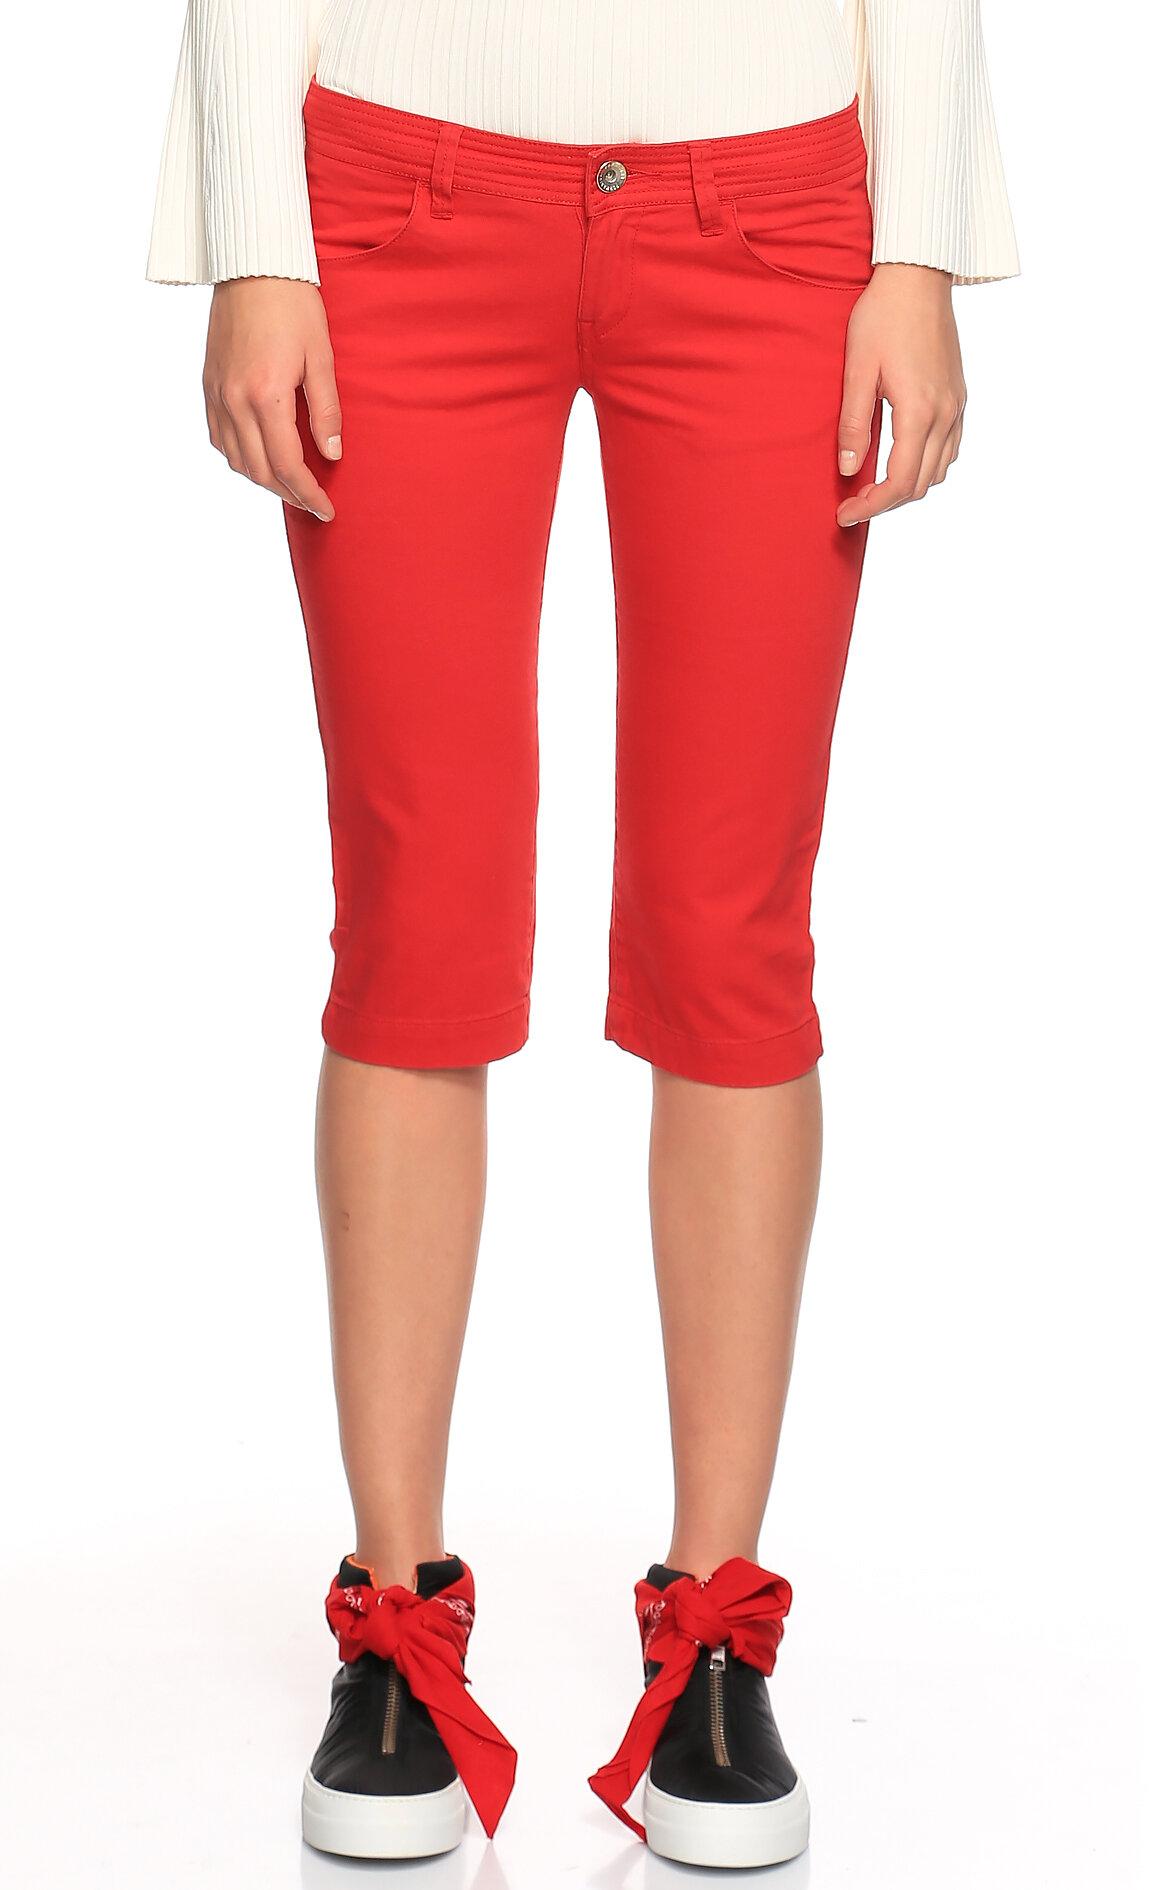 Fornarina Jeans-Fornarina Jeans Kırmızı Bermuda